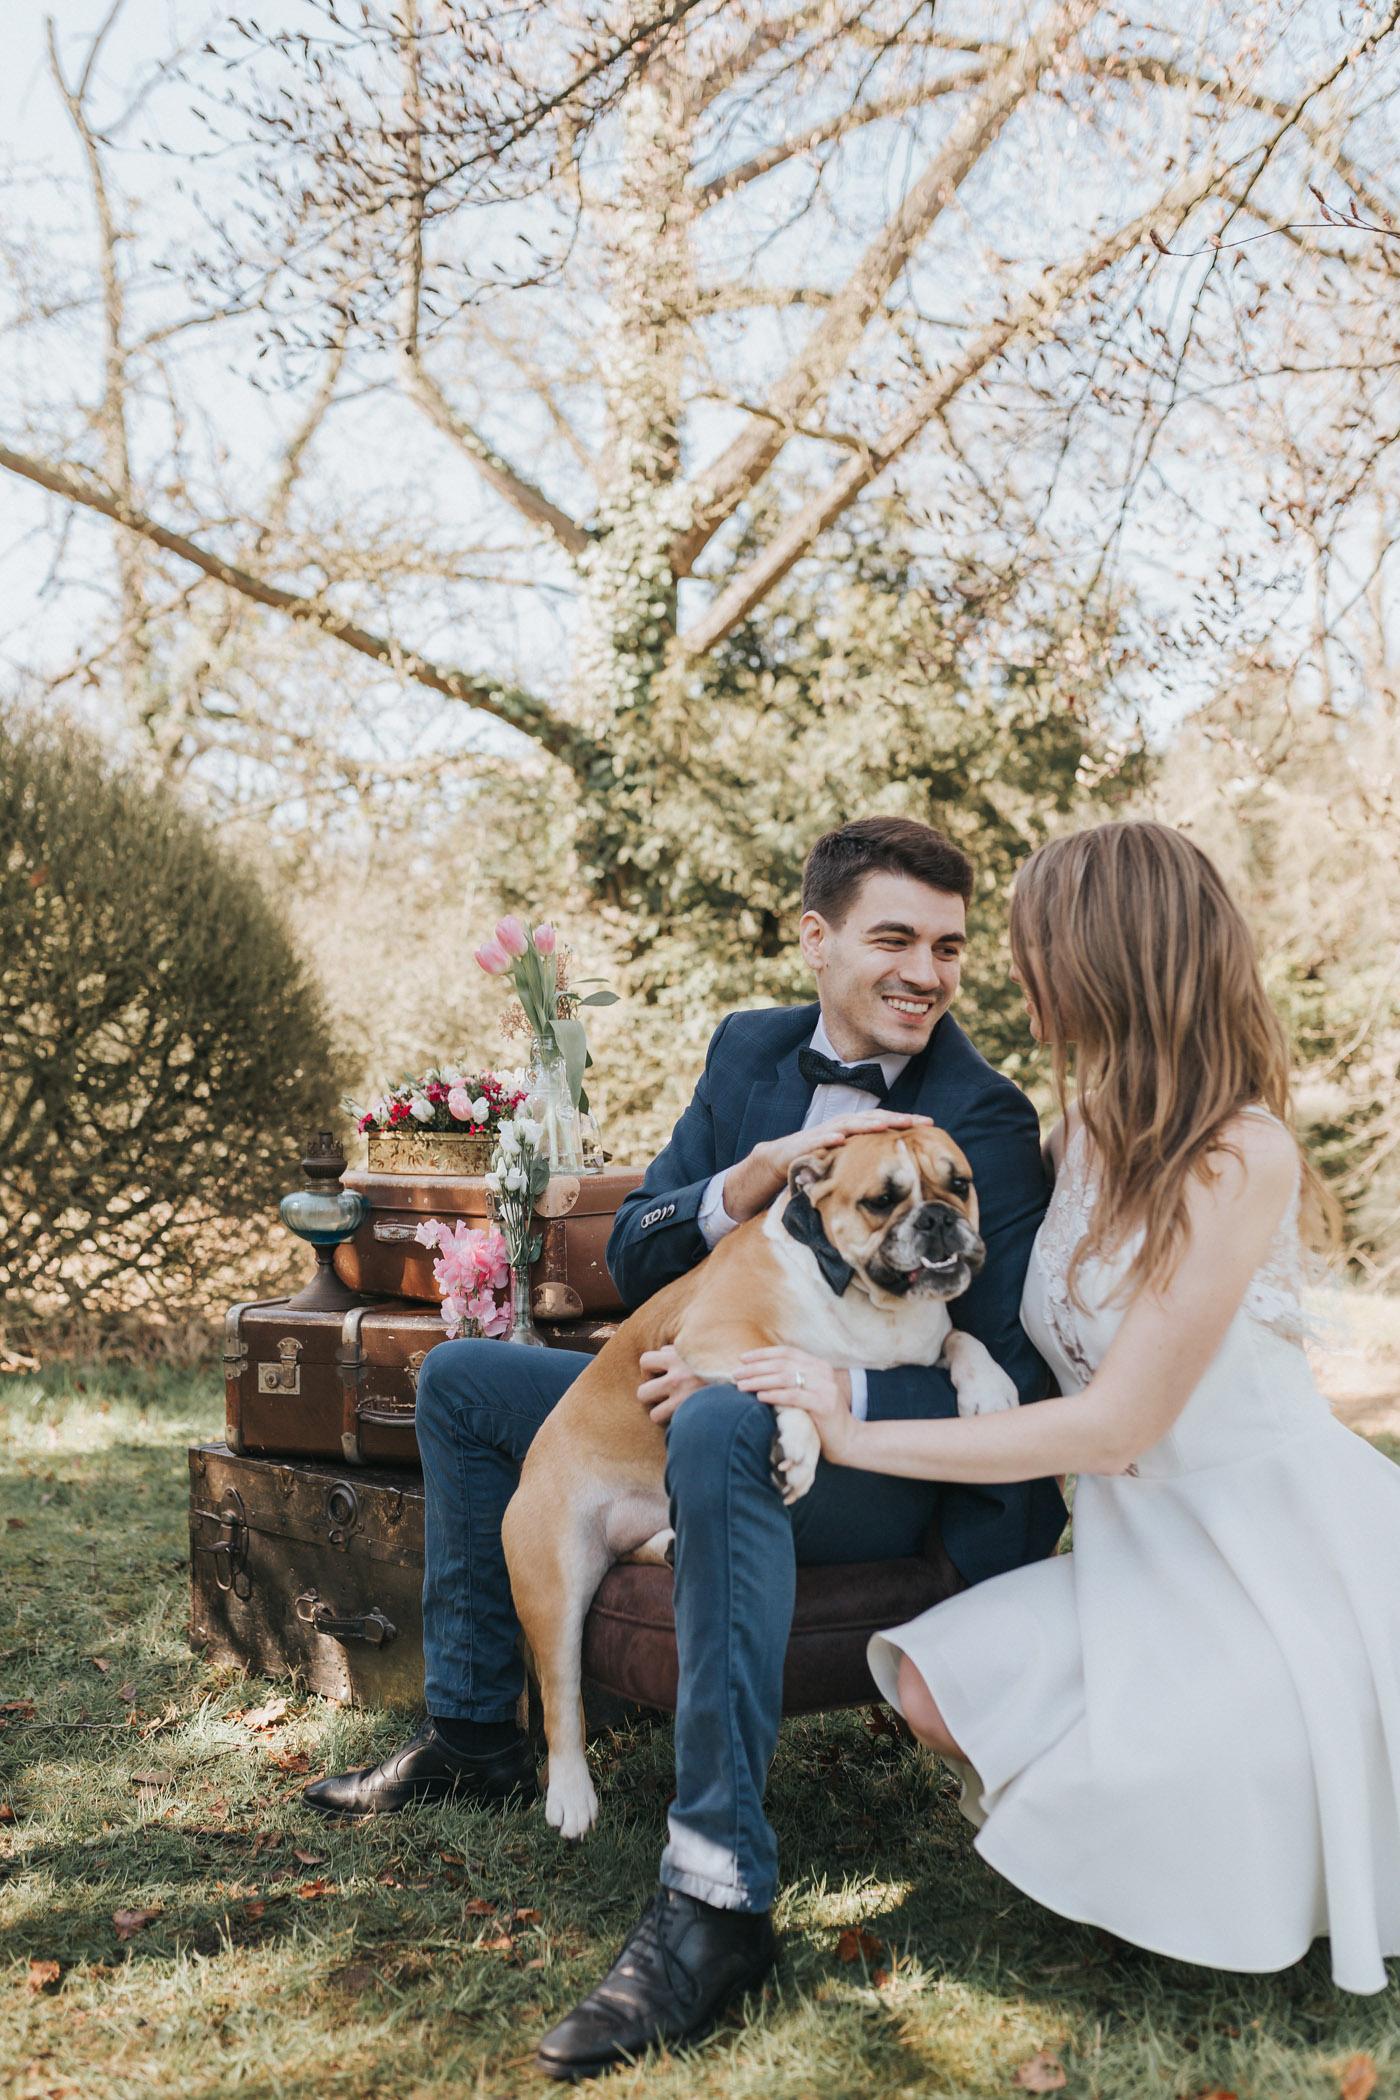 shooting-dinspiration-un-mariage-au-printemps-blog-la-mariee-sous-les-etoiles-credit-the-flying-poodle-52